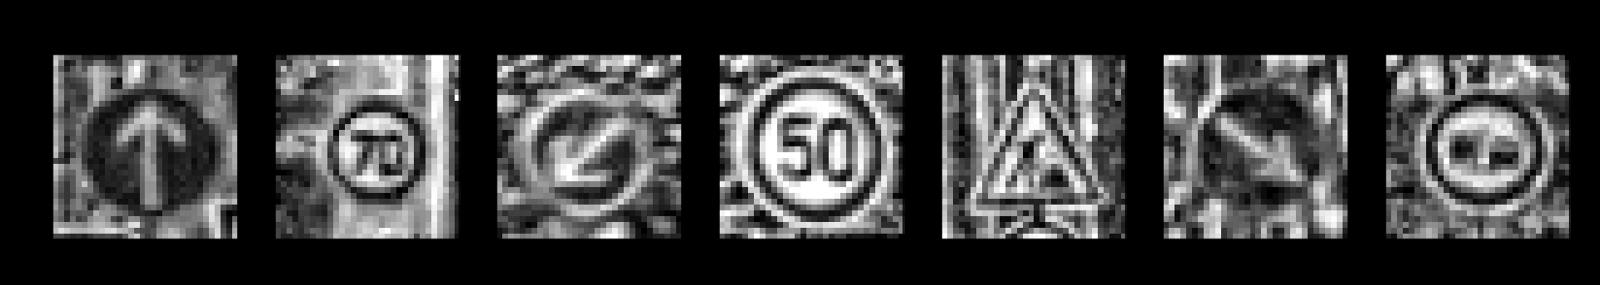 Распознавание дорожных знаков с помощью CNN: Инструменты для препроцессинга изображений - 5